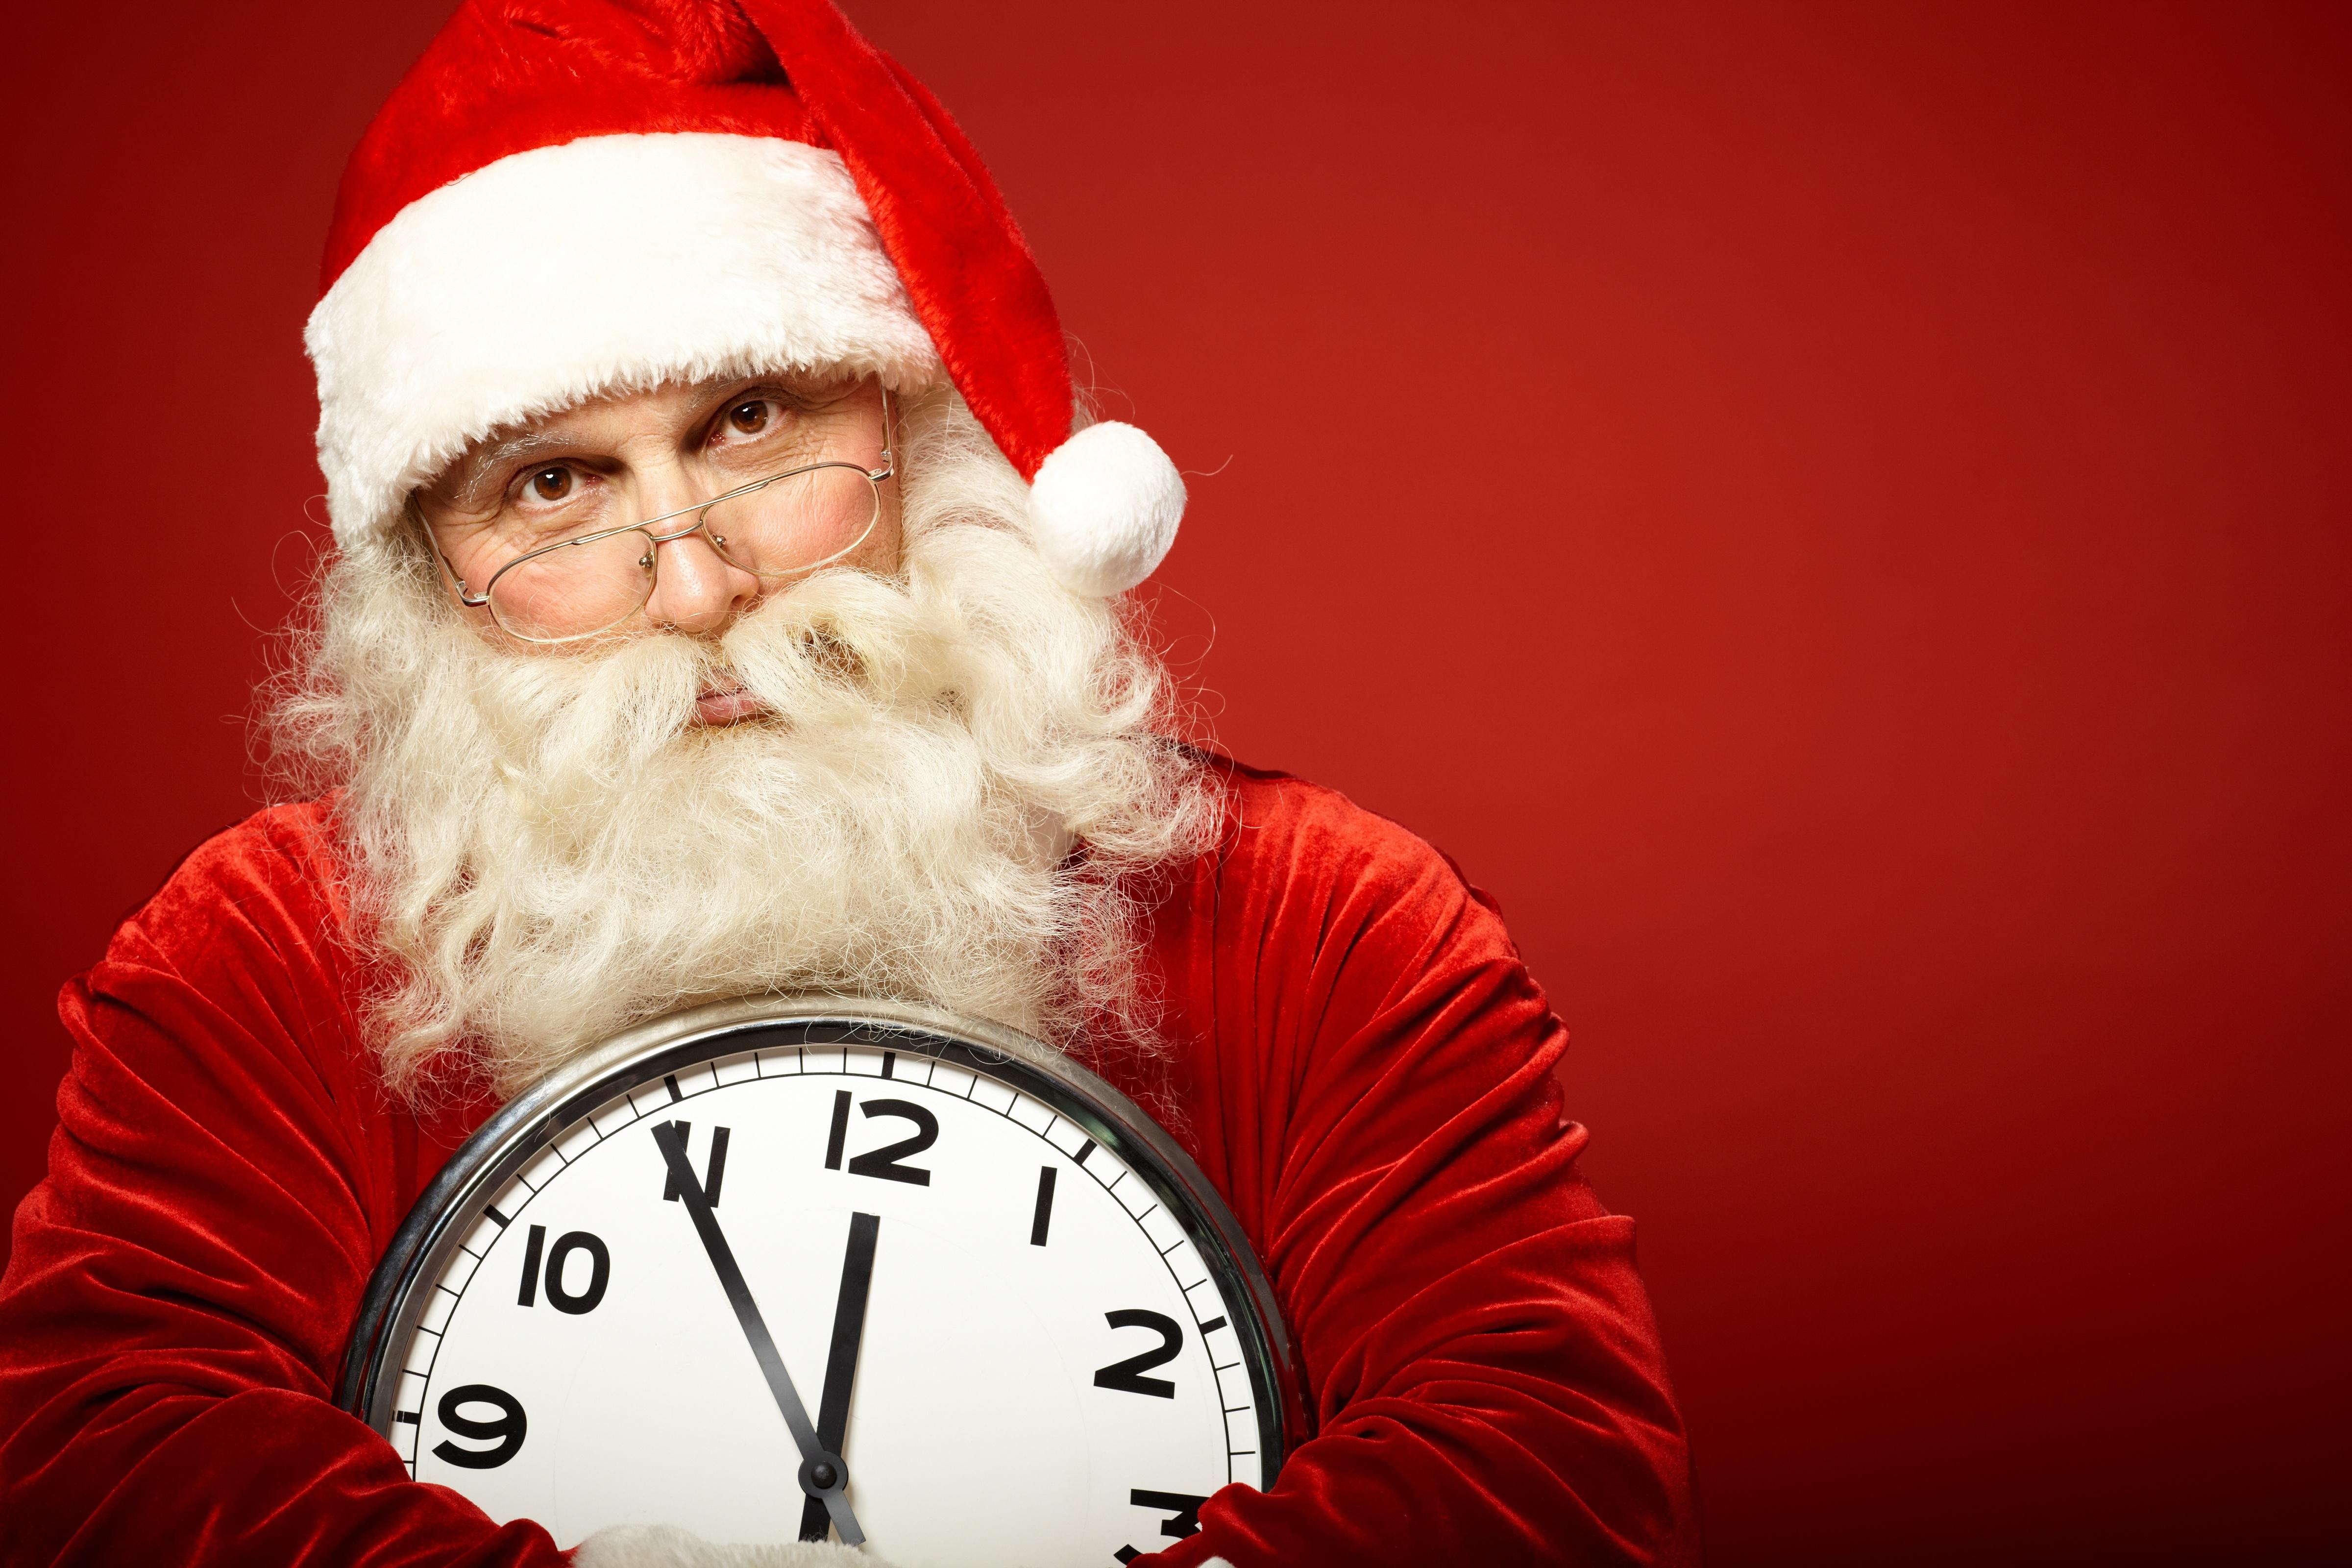 основании картинки часы работы на новый год навороченный настраиваемый встреченных